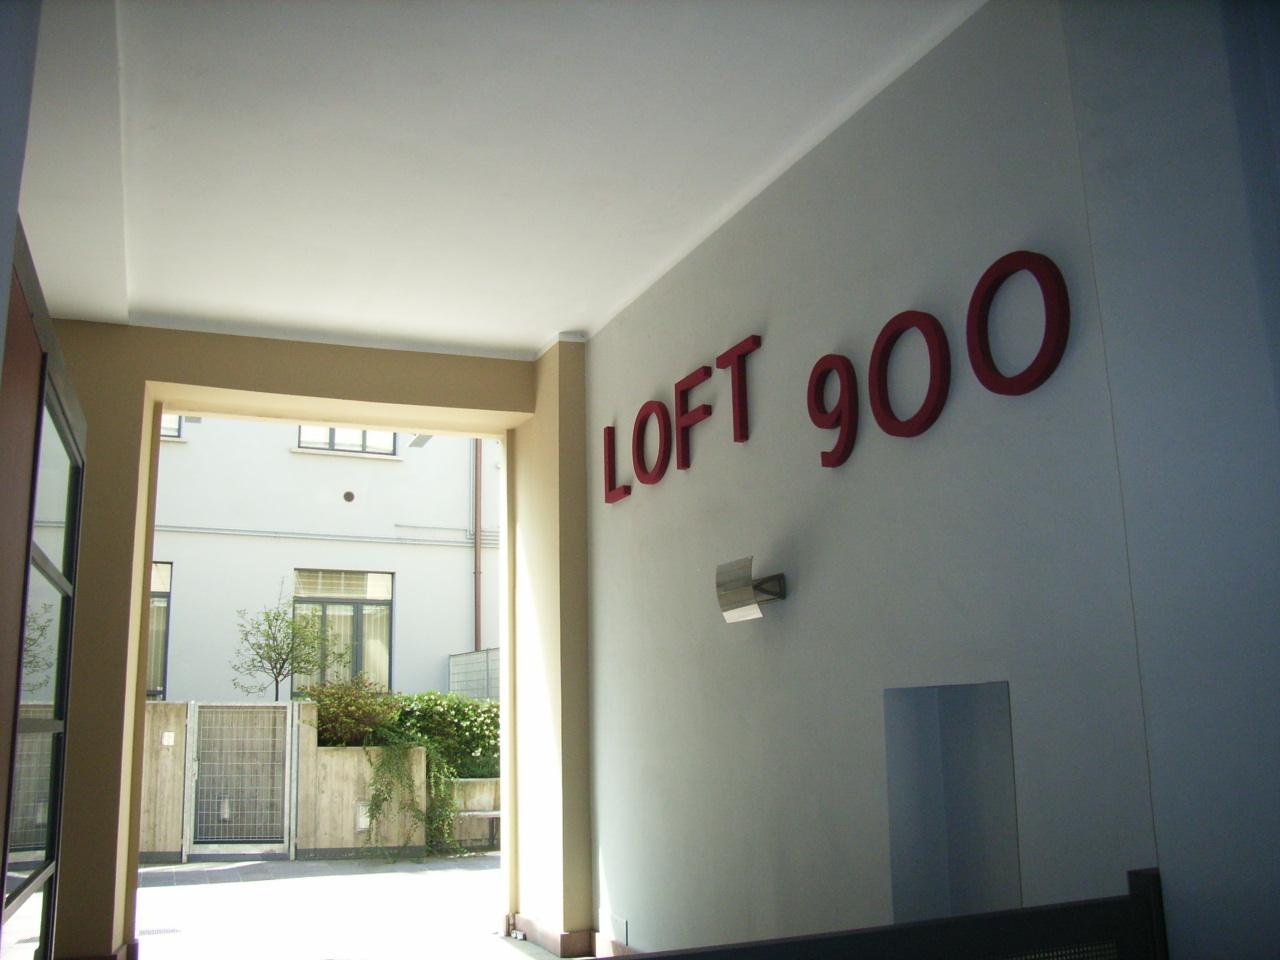 studio as Loft 900 Torino